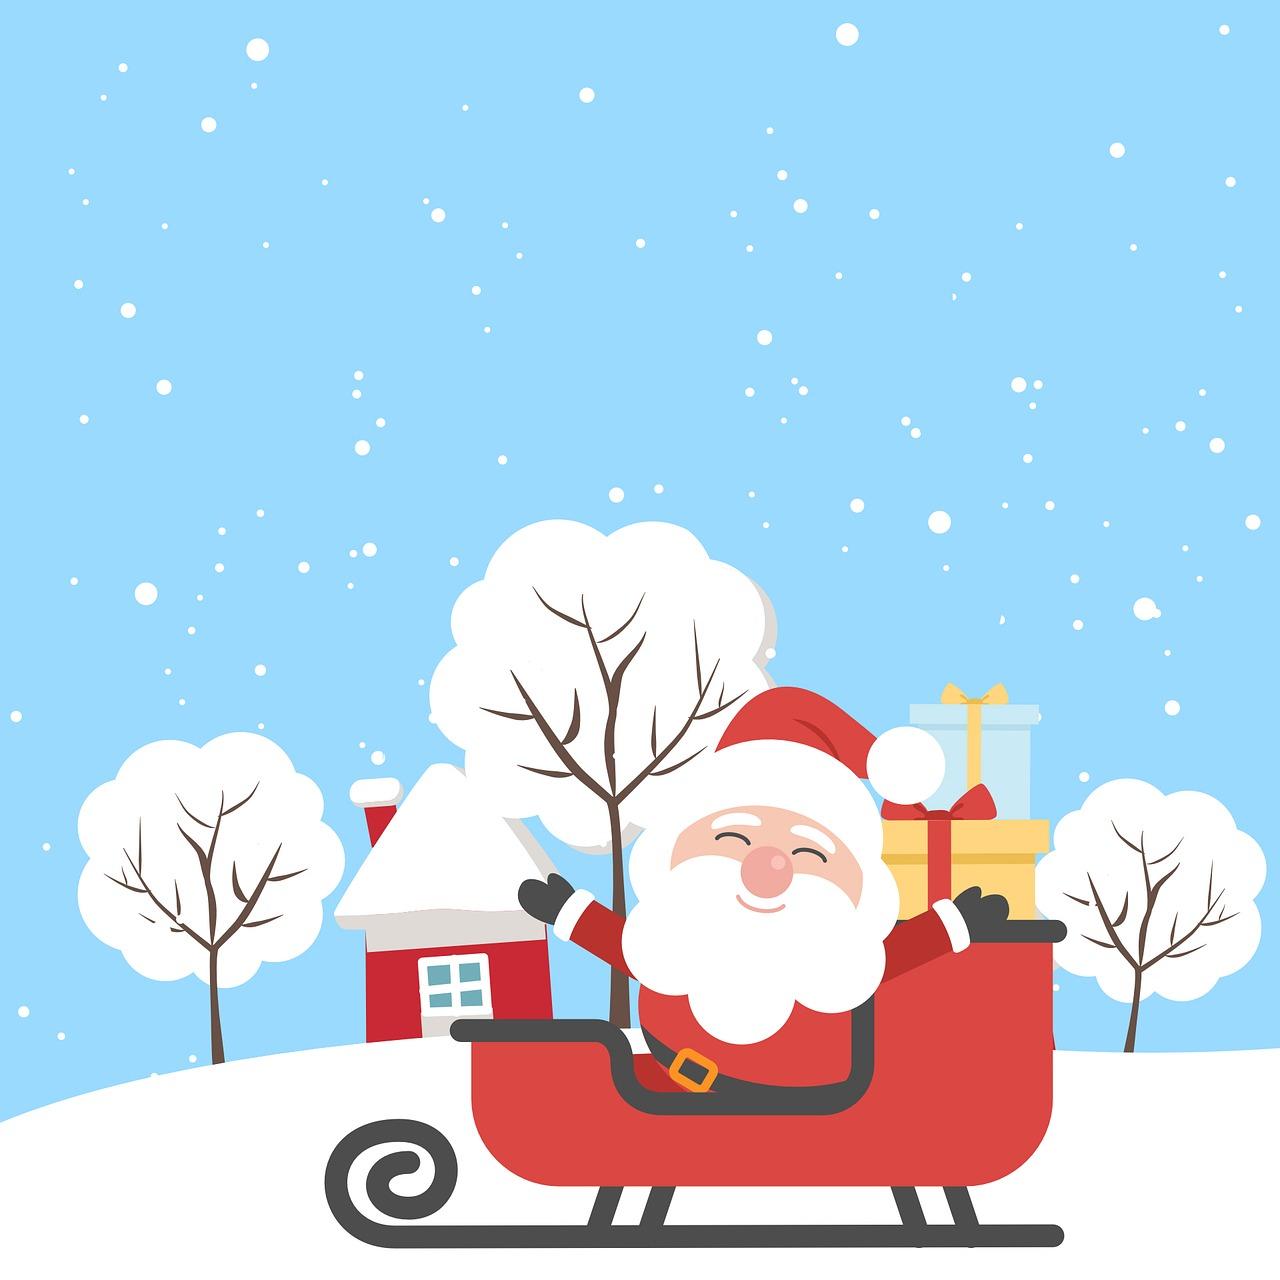 Visit Aycliffe's Winter Wonderland